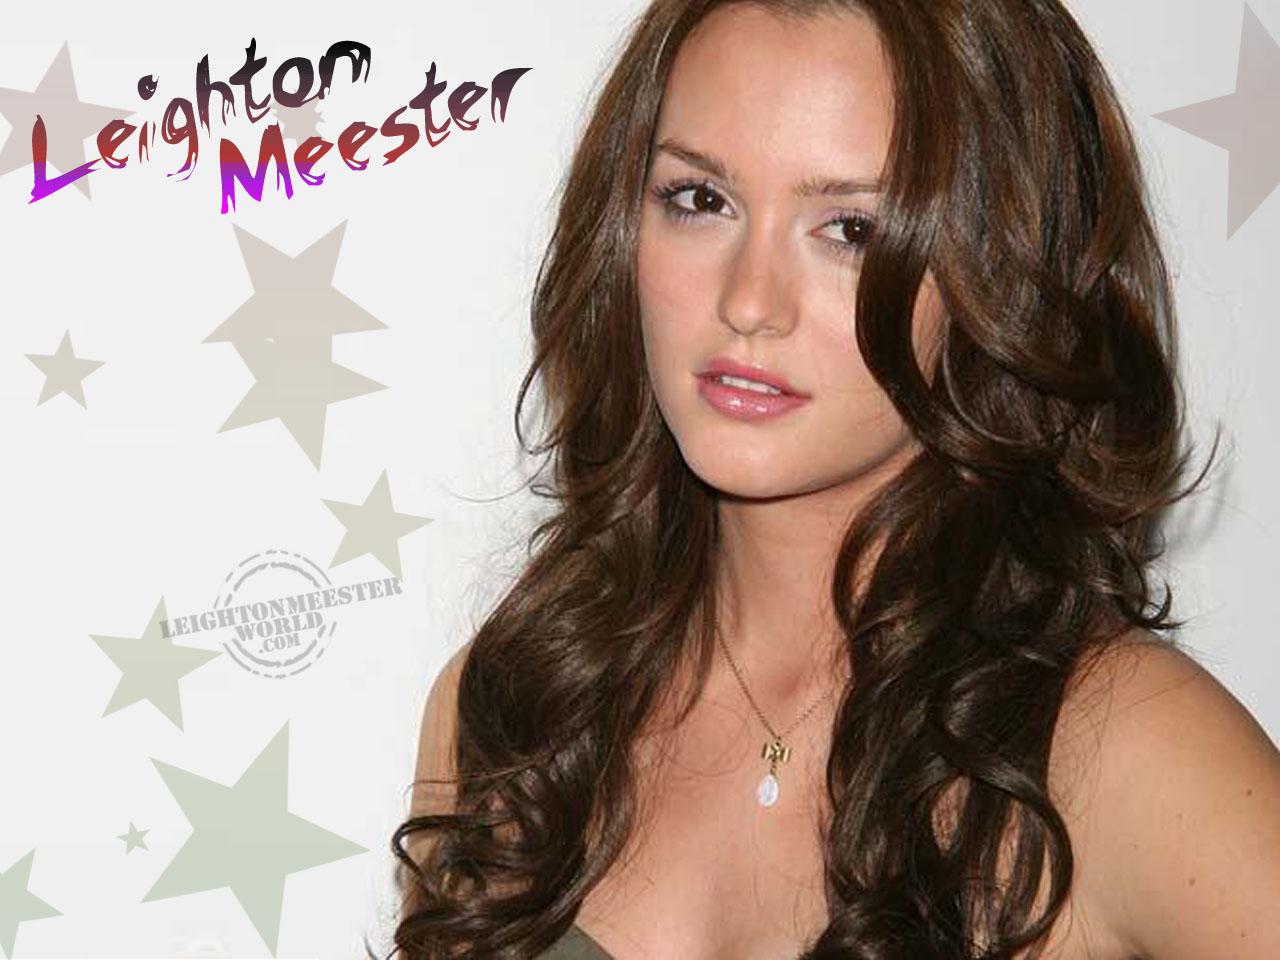 http://2.bp.blogspot.com/-tMJ6YzcDnd4/T57FgCjqbbI/AAAAAAAABpw/bZeemr7HBXY/s1600/Leighton+Meester+wallpapers+10.jpg